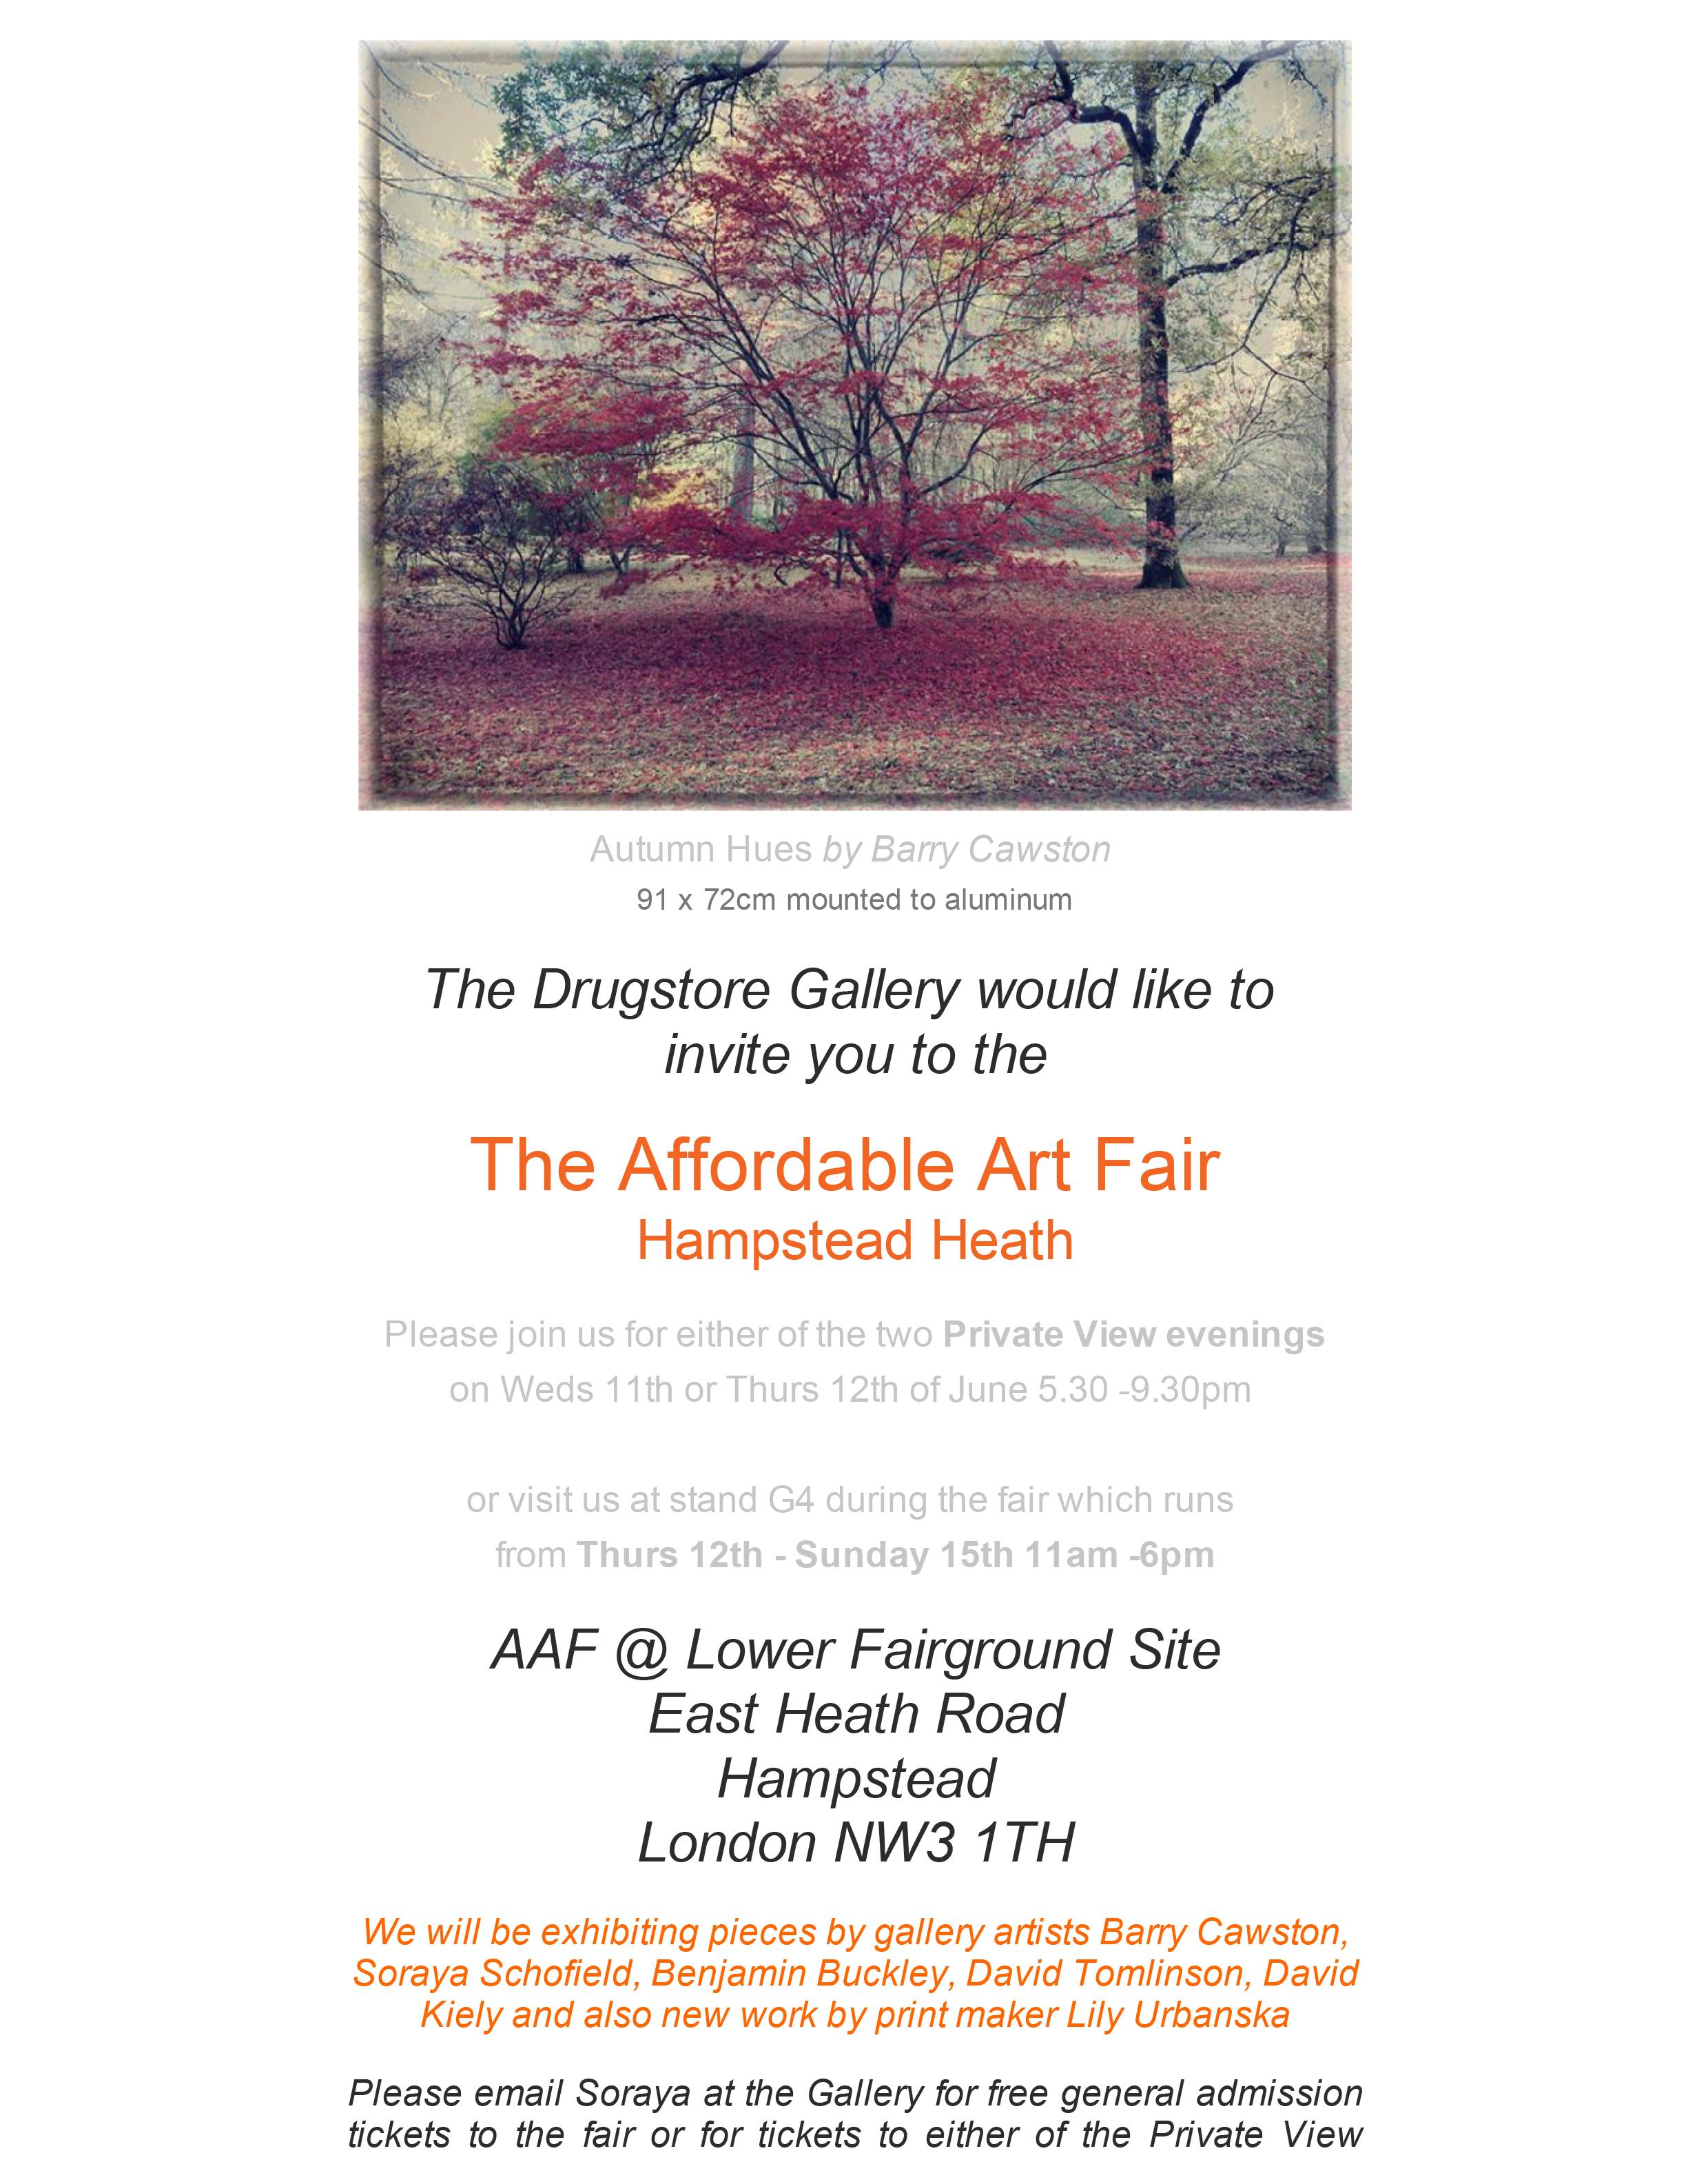 AAF Hampstead invite